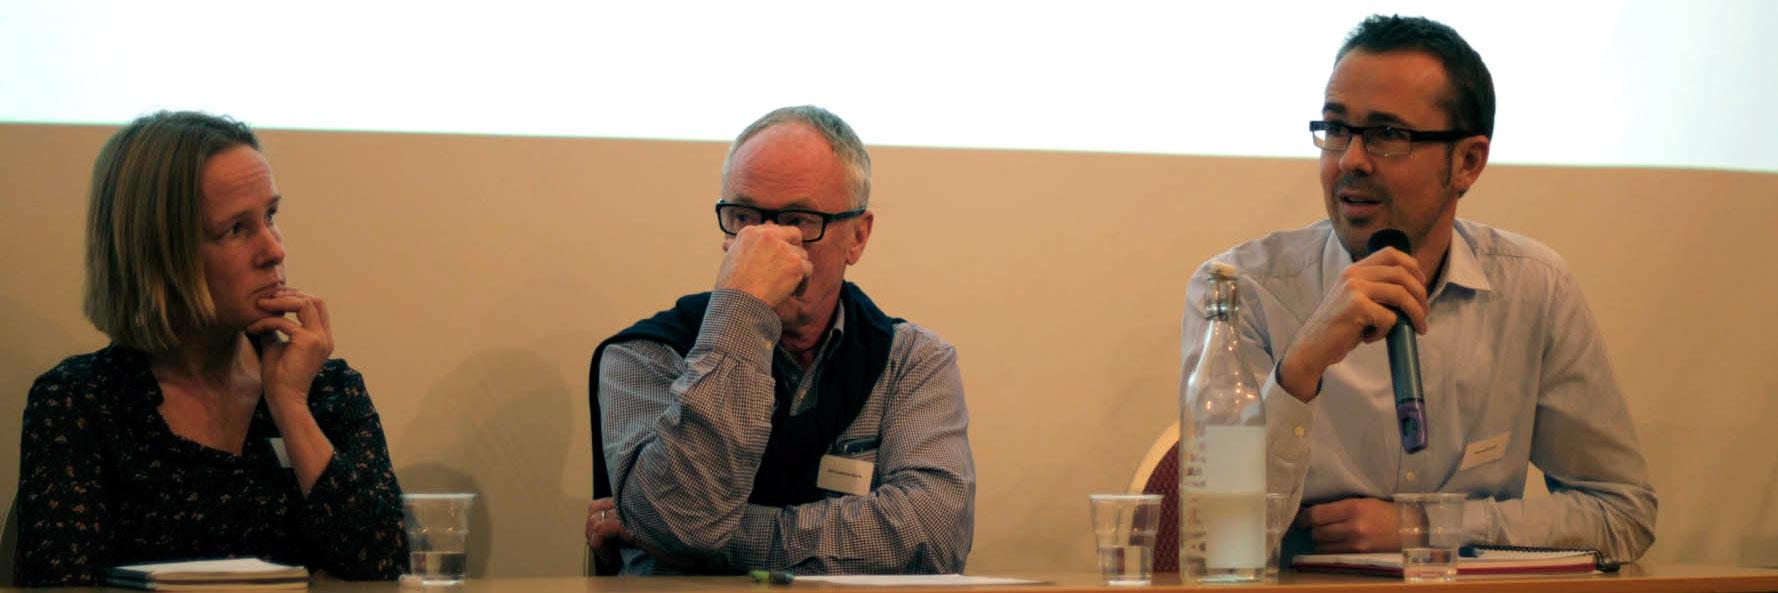 Paneldebatt på BOBYs hundreårsjubileum